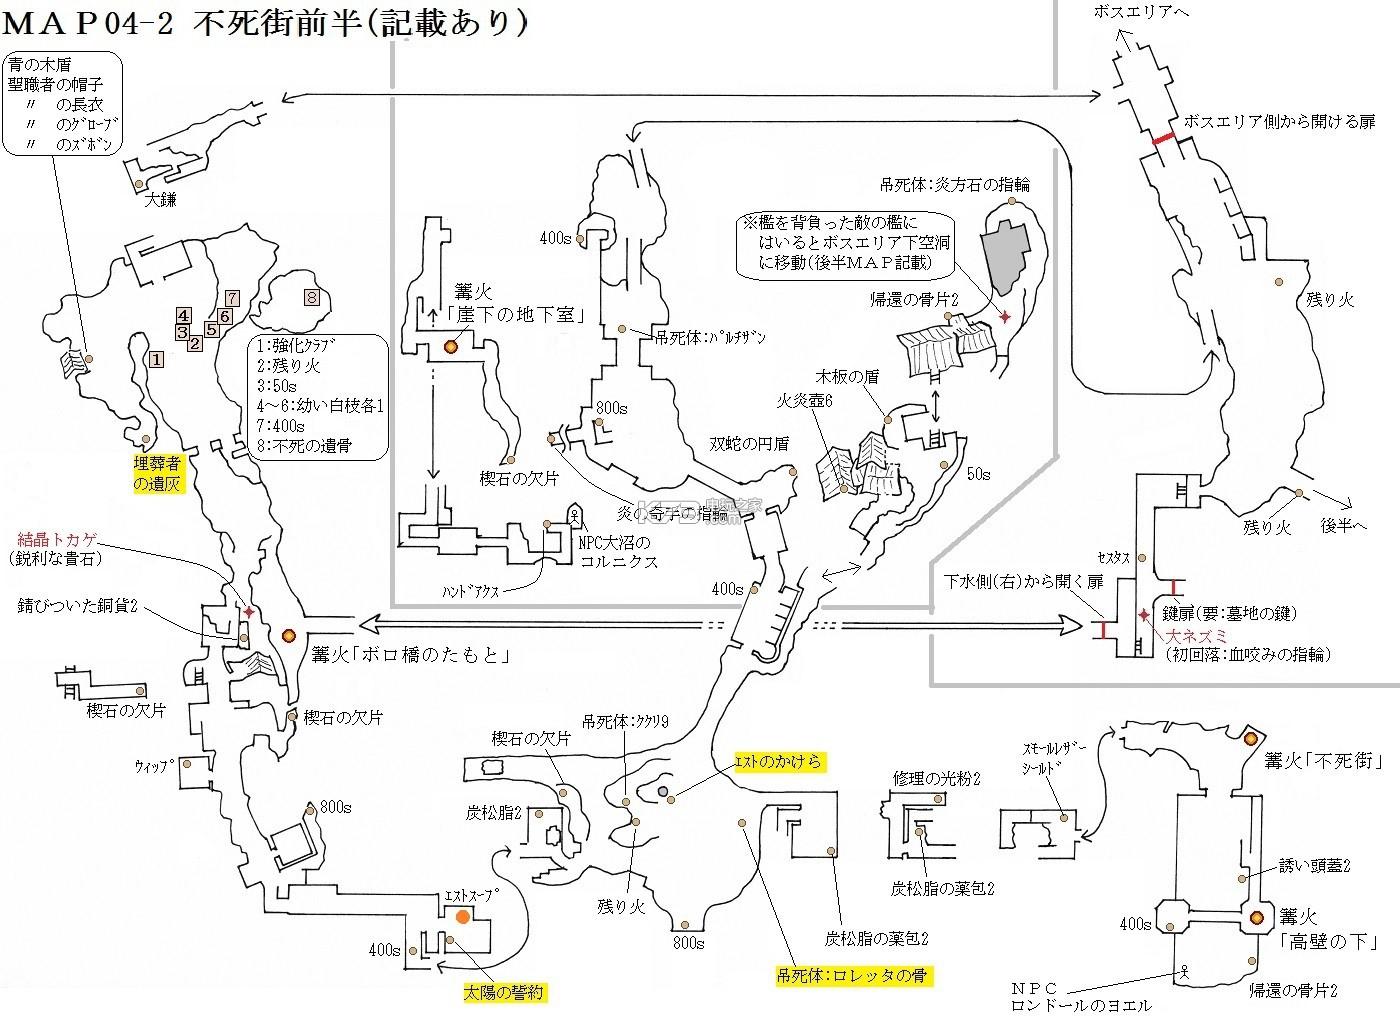 黑魂3地图_黑魂3地图平面图